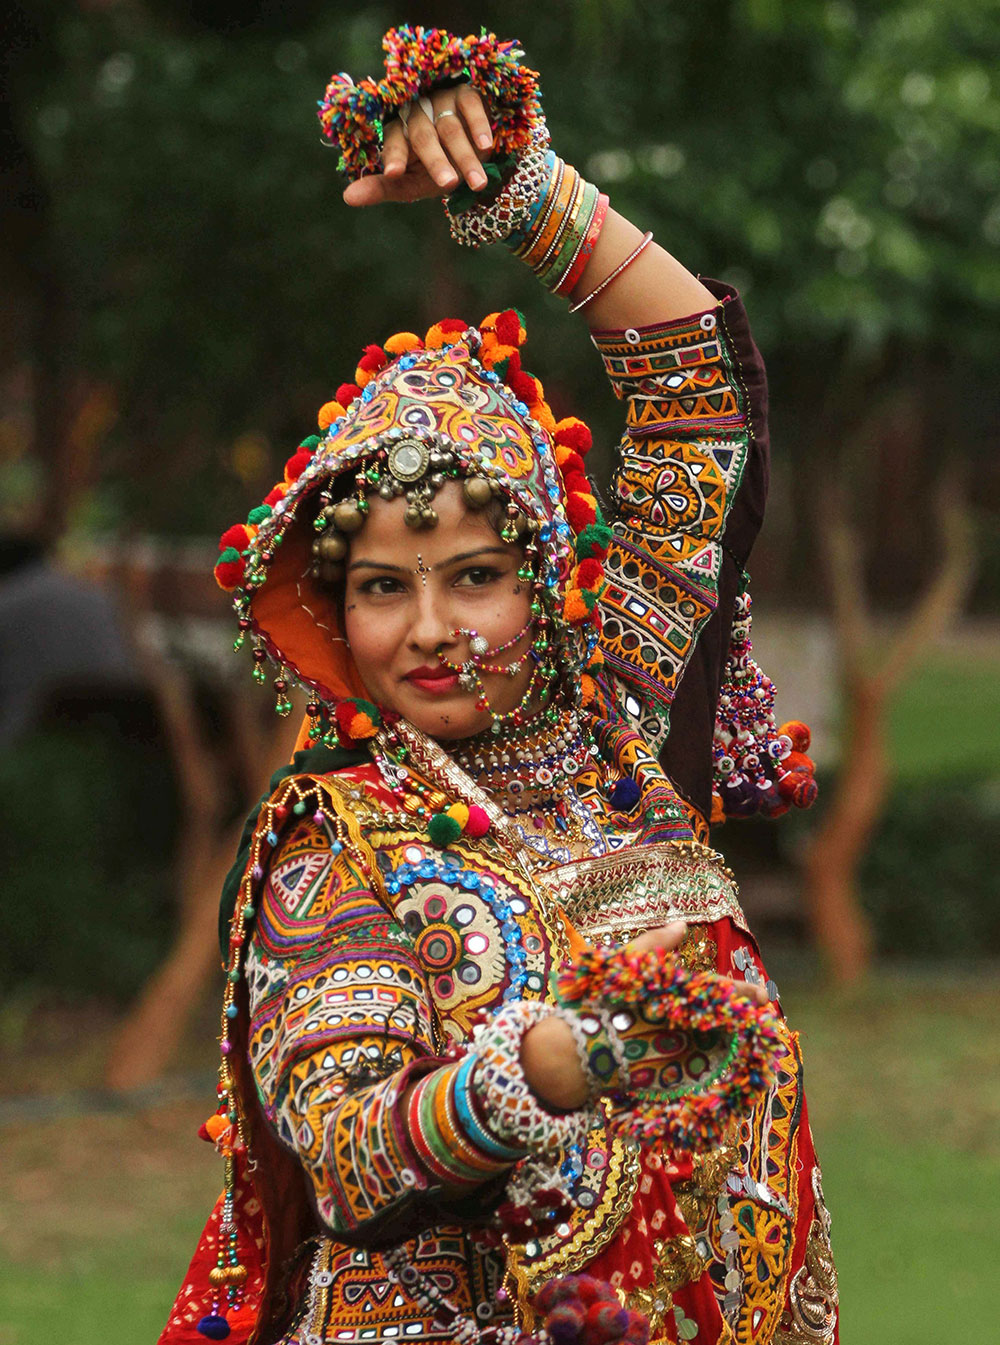 अहमदाबादमध्ये गरबा नृत्य करणारी महिला